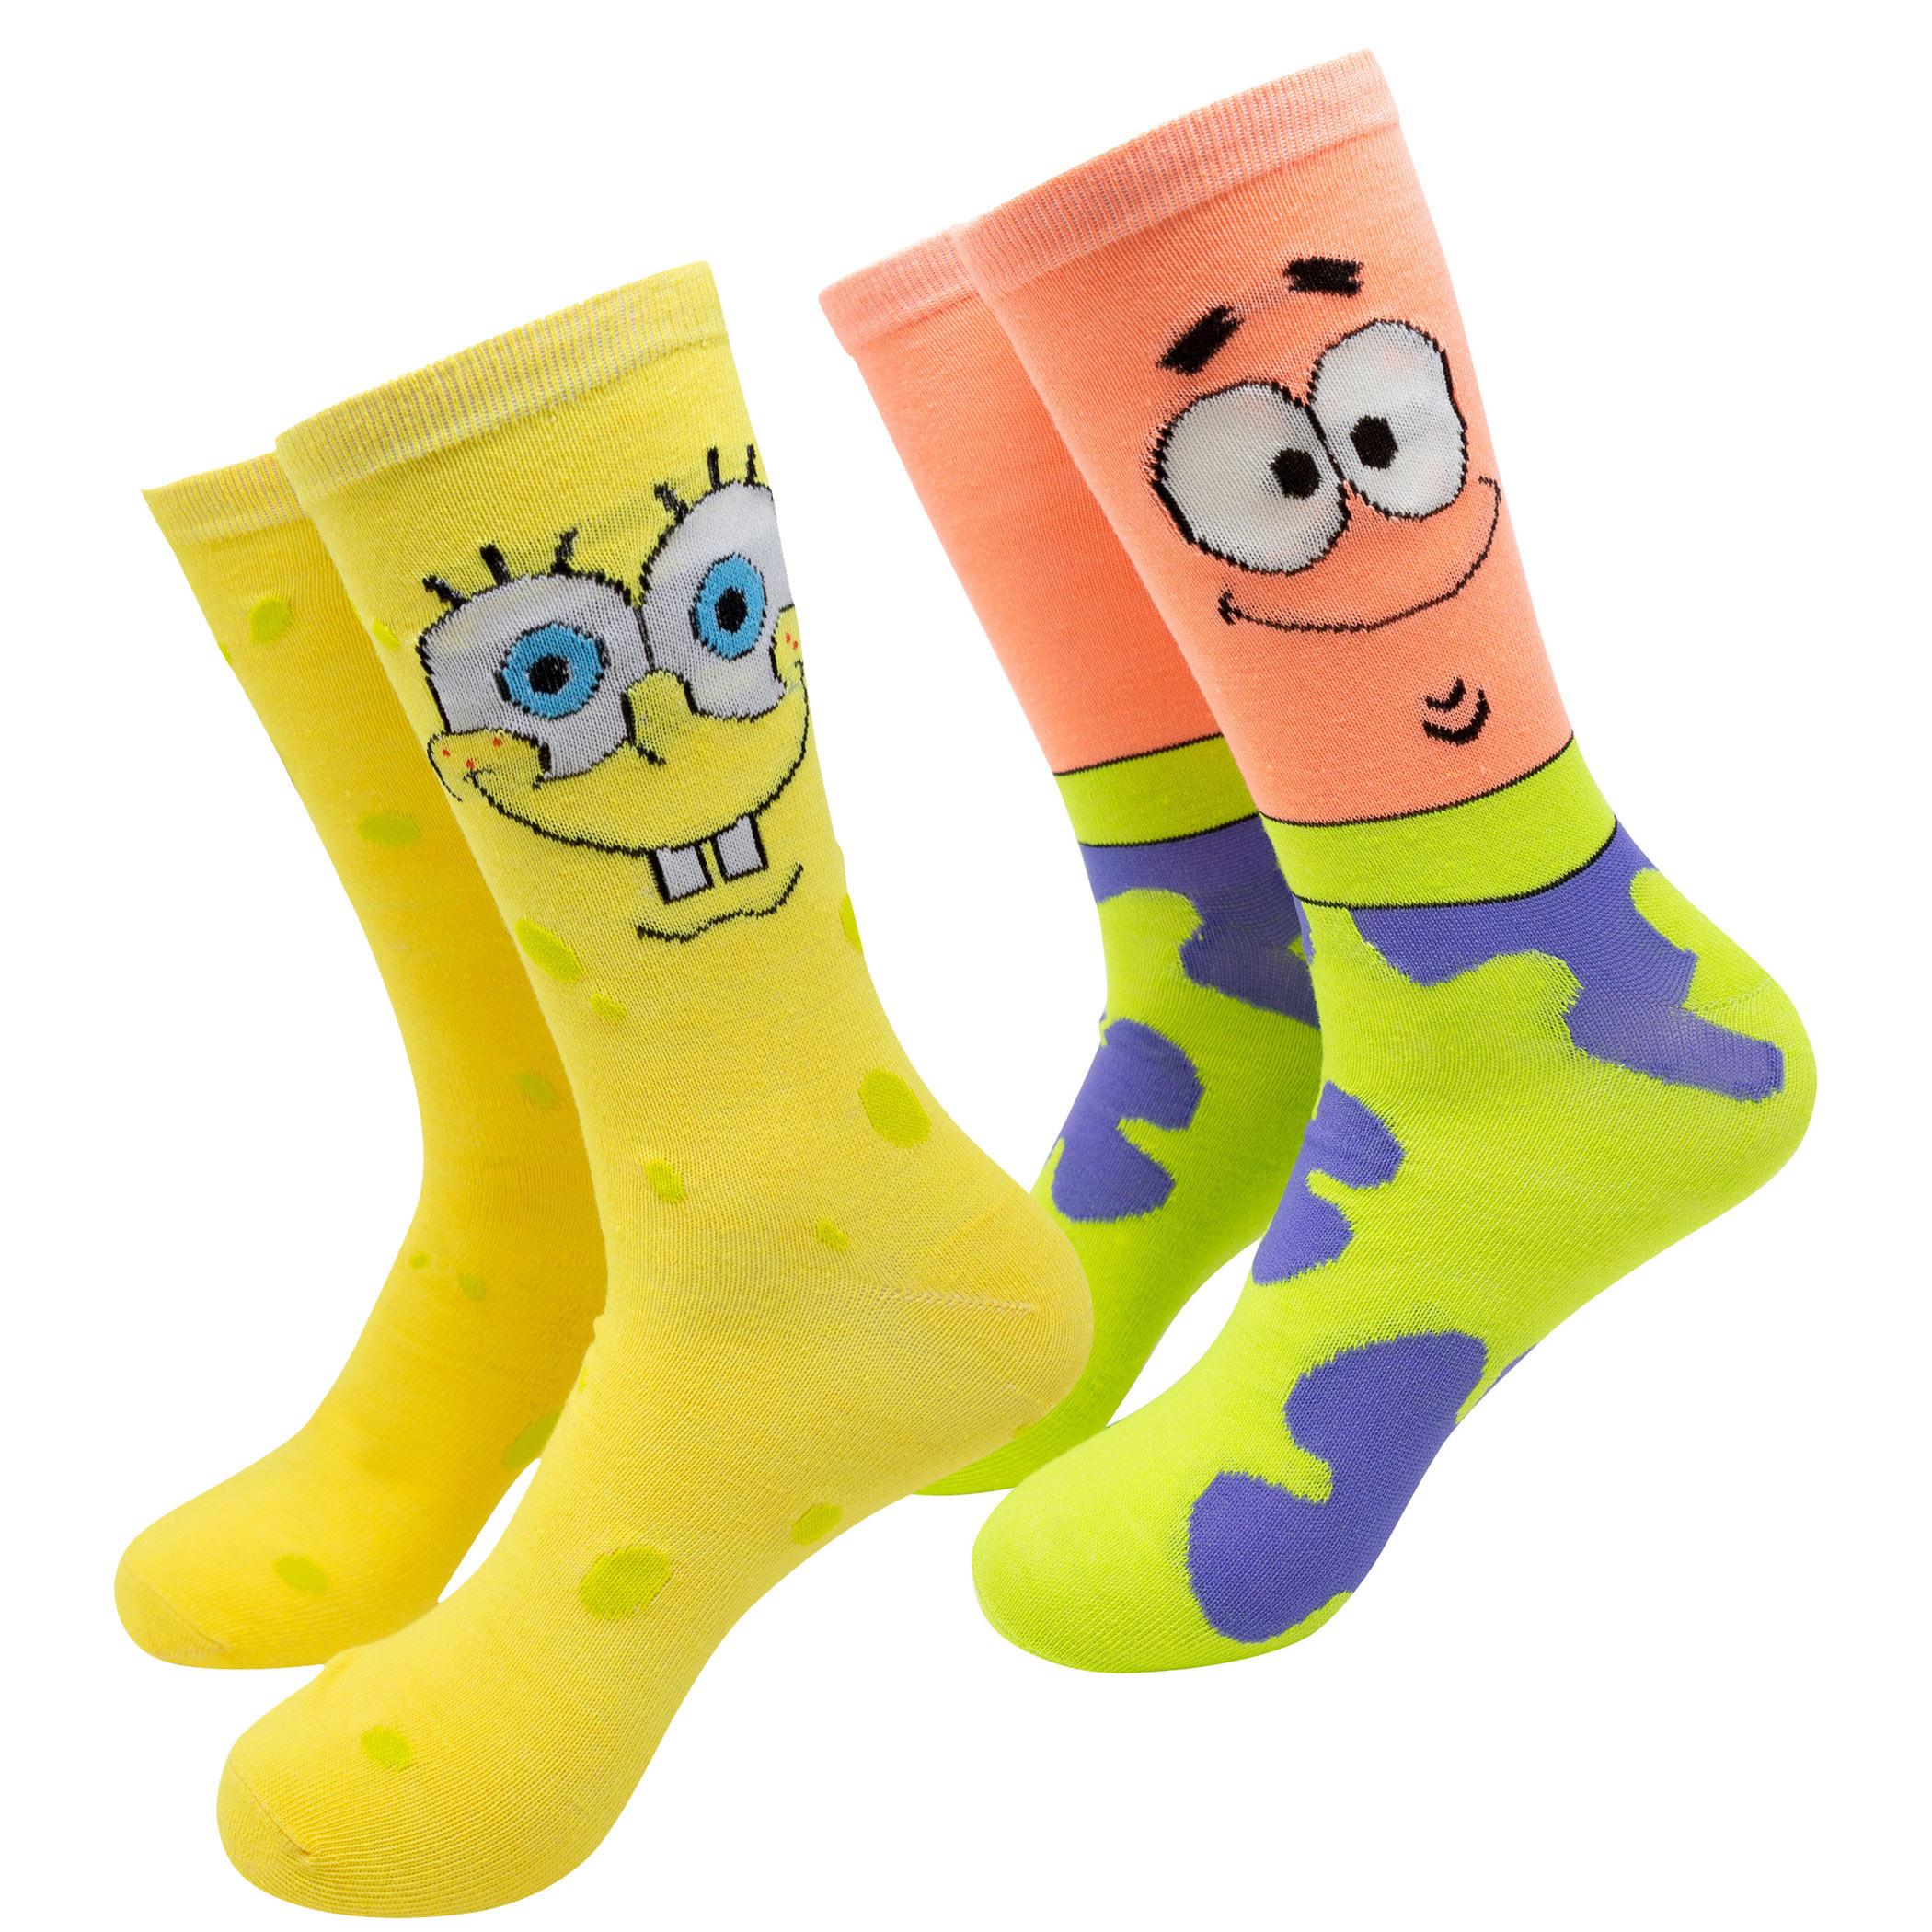 SpongeBob SquarePants 2-Pack Crew Socks